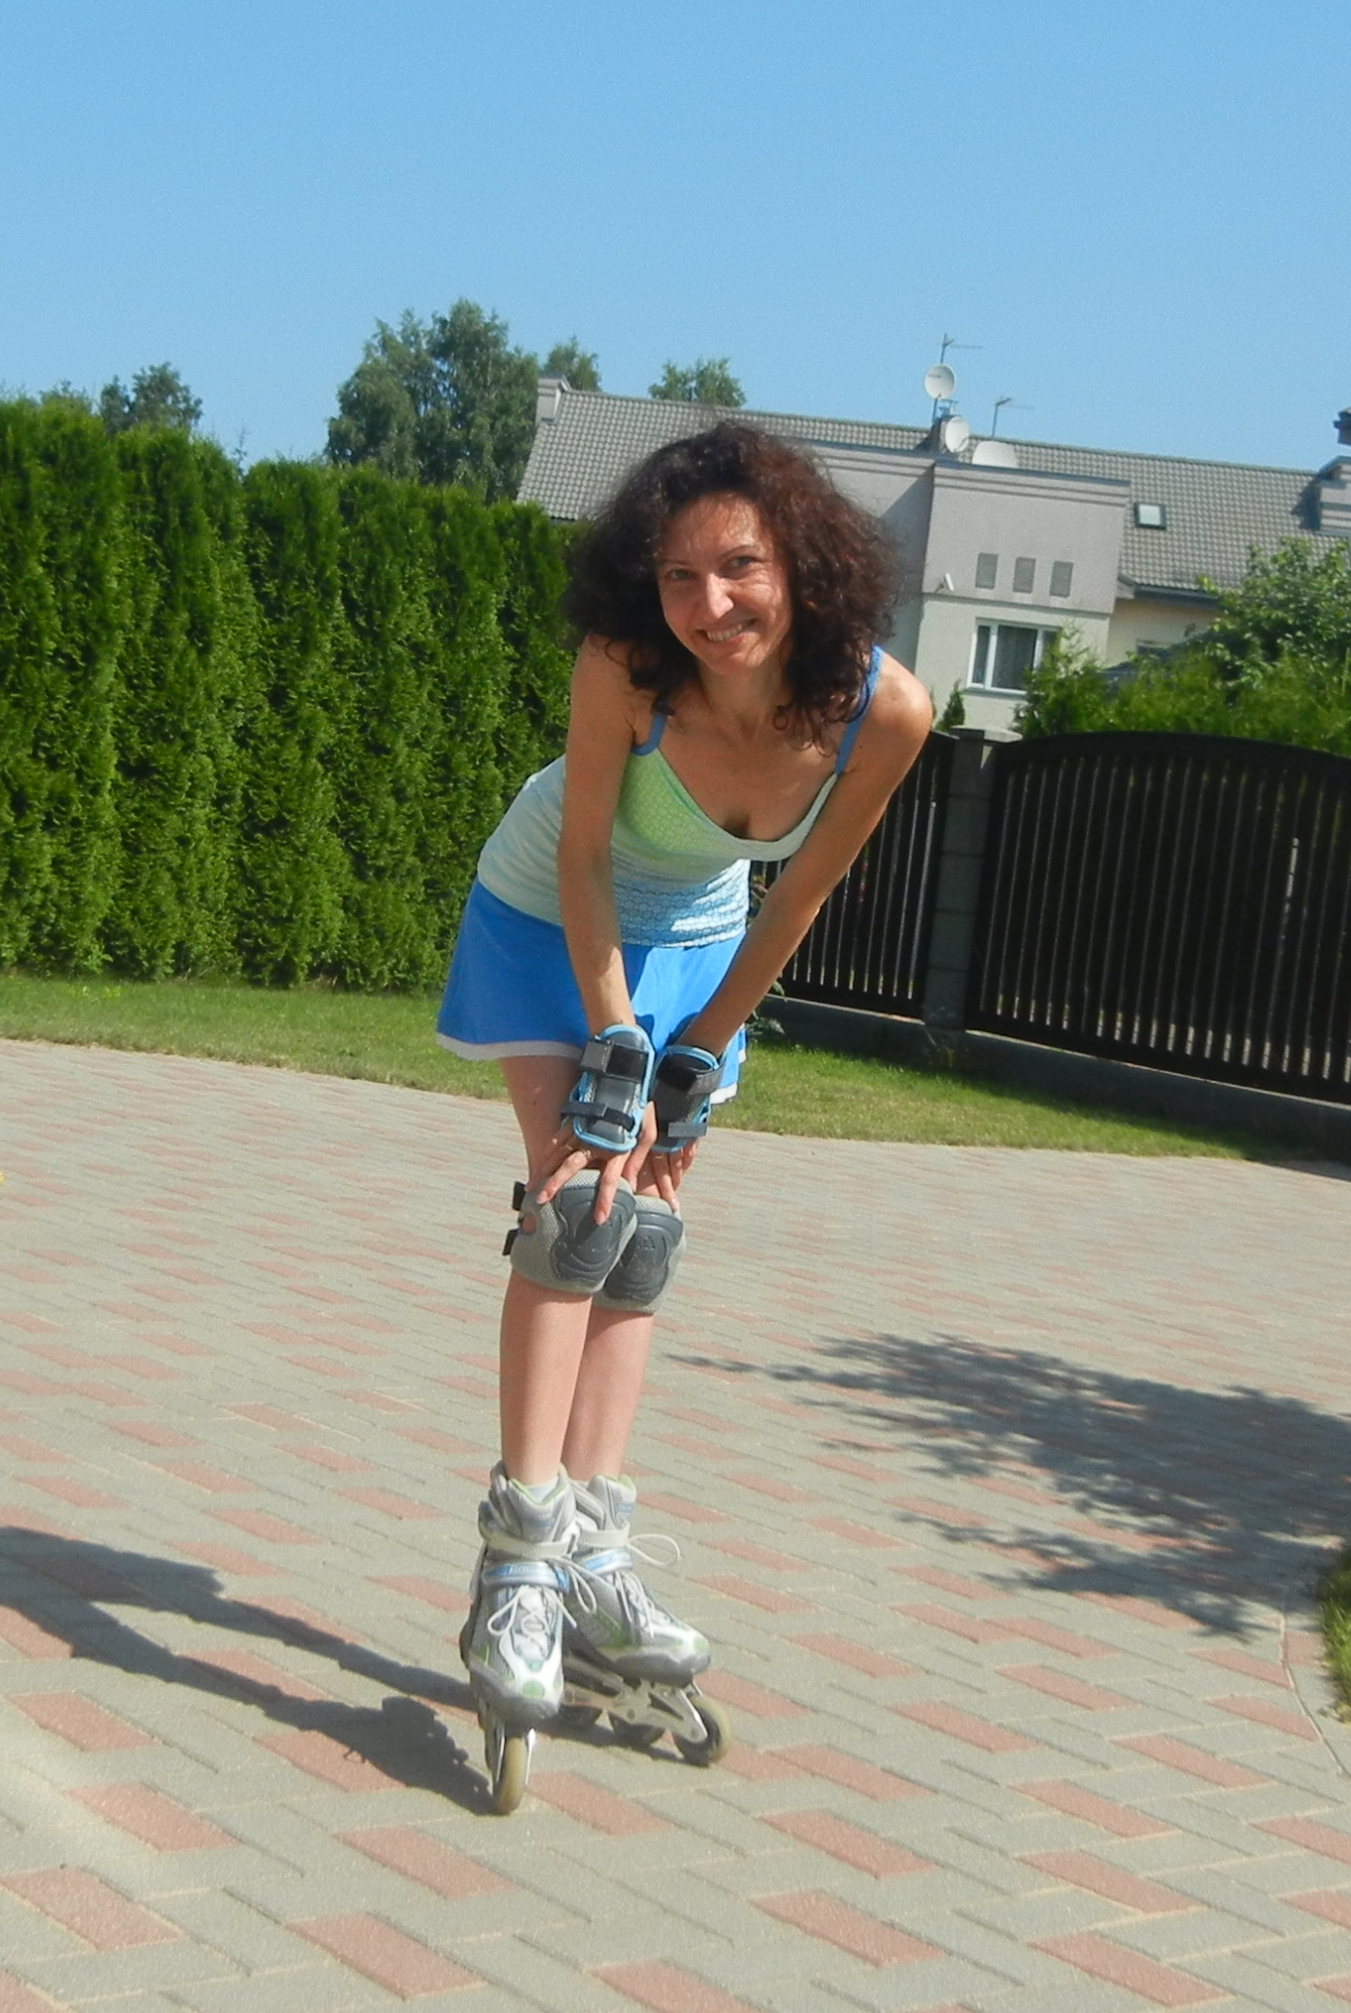 julia-skating1